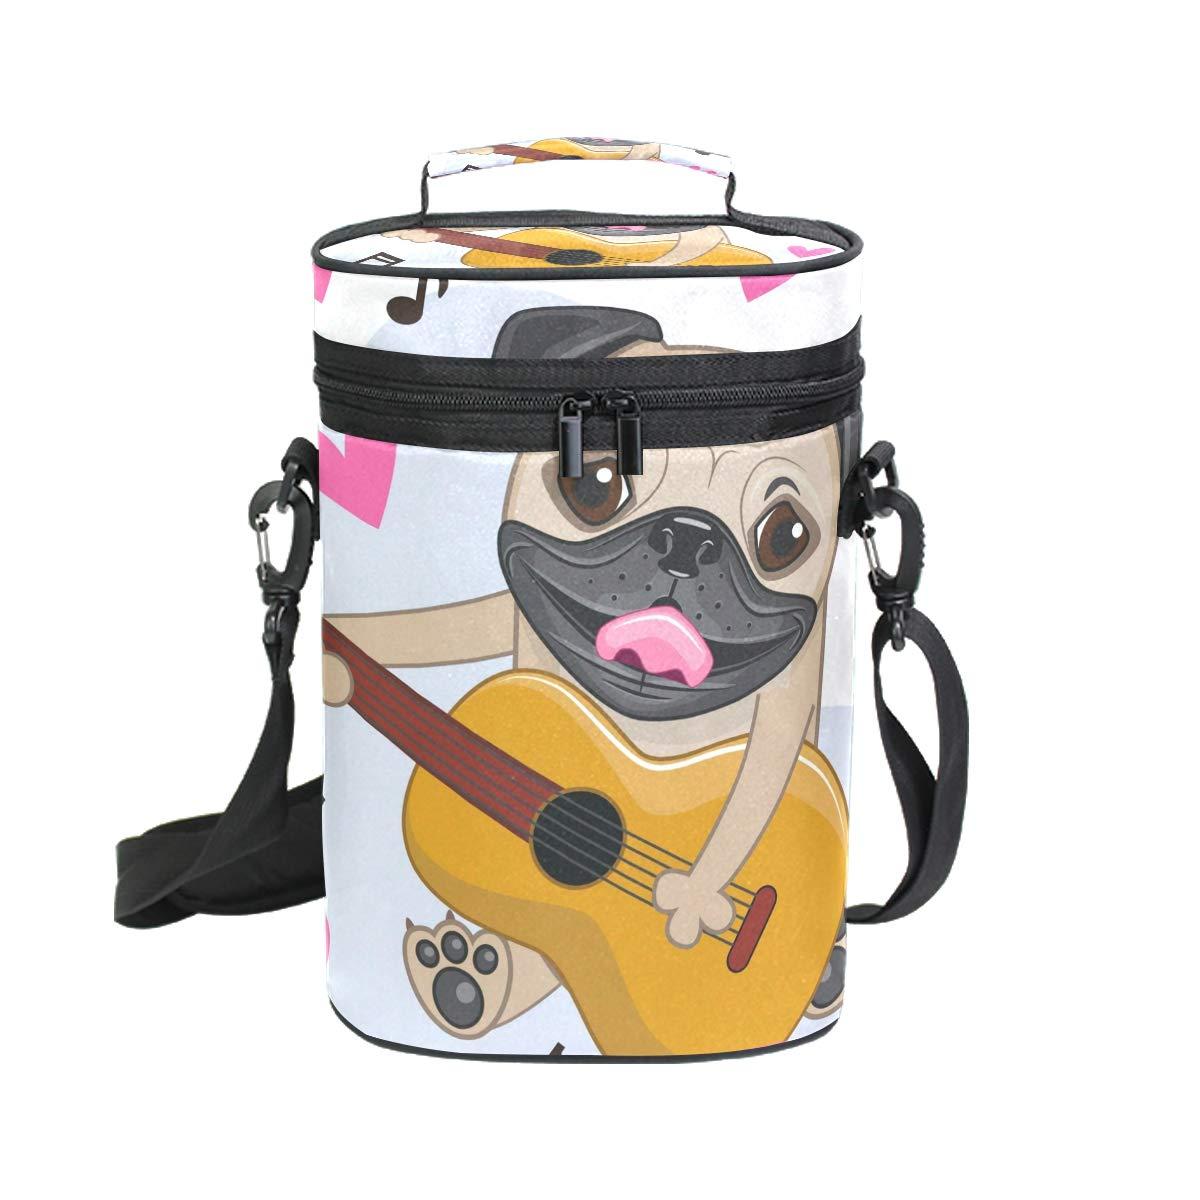 COOSUN - Bolsa de transporte para vino con diseño de perro carlino con guitarra aislada - Bolsa de viaje con asa y correa ajustable para el hombro